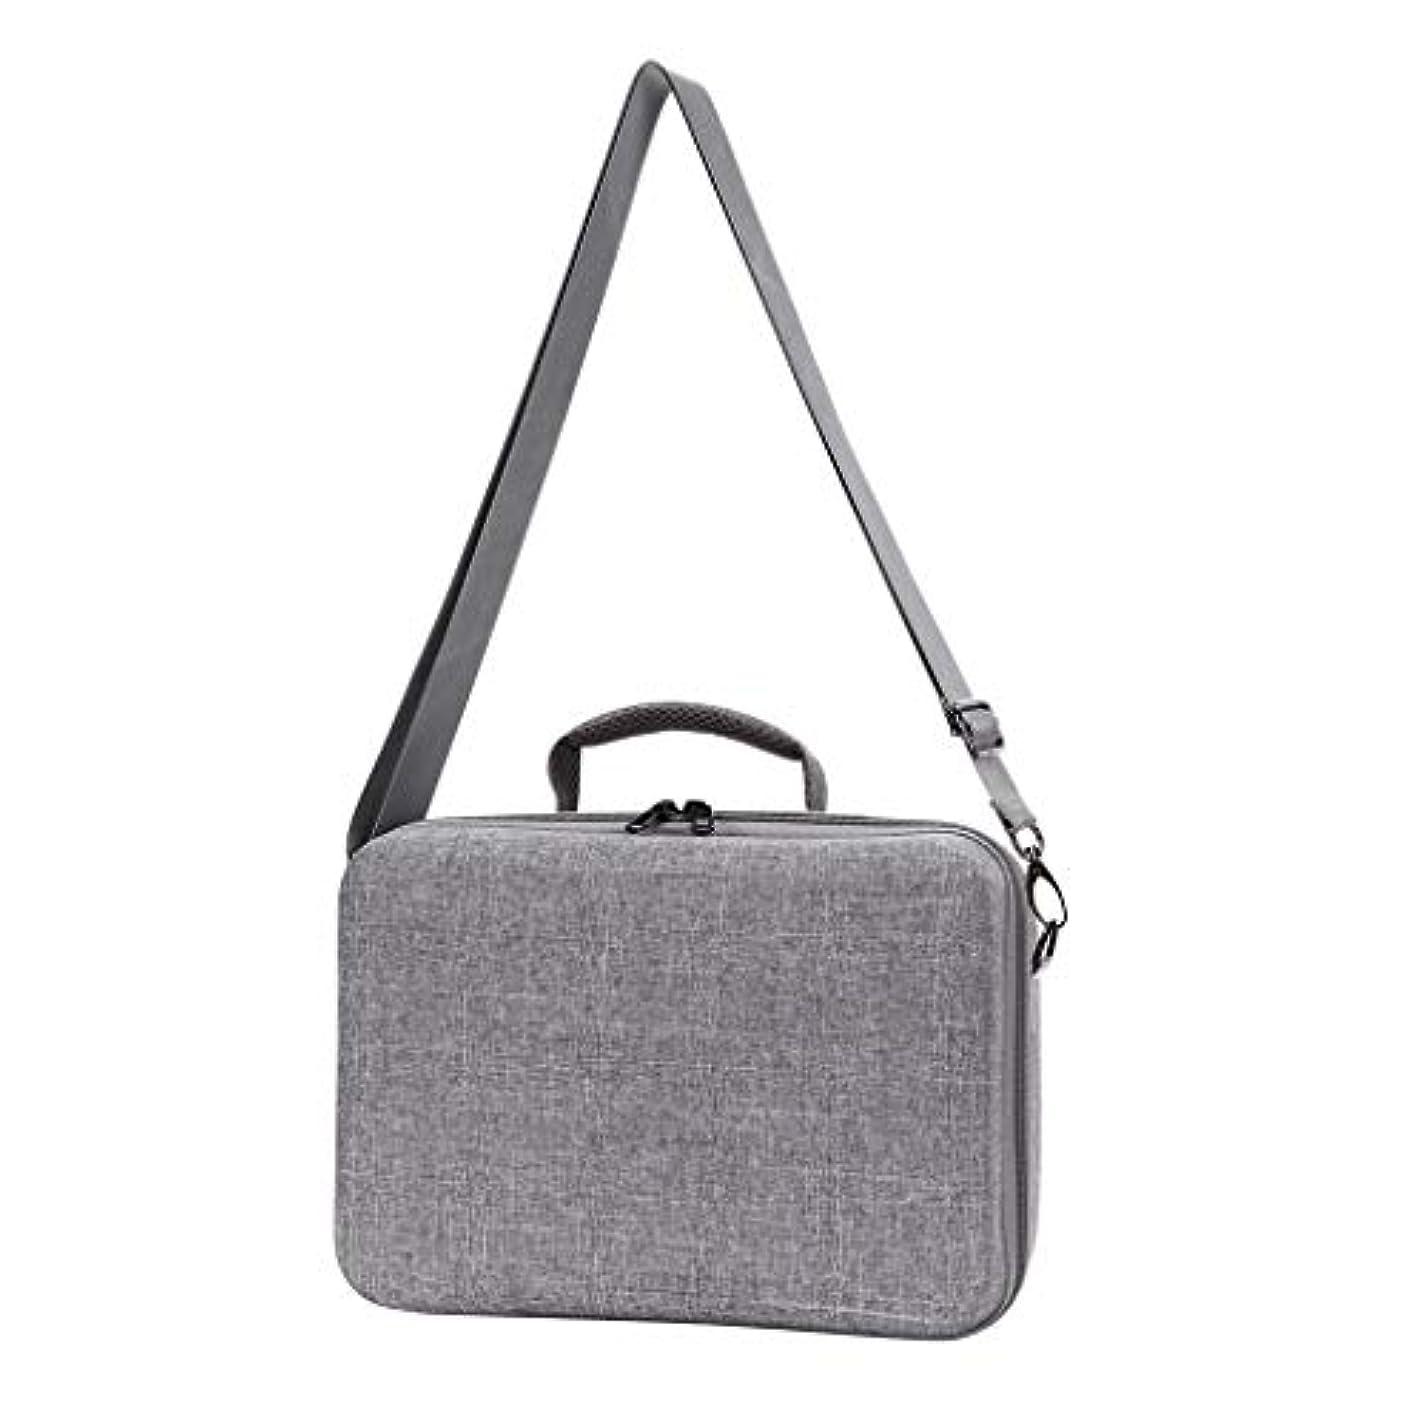 除外する少ない銛Hellery 収納バッグ スーツケース 防水 道具 ケース 汎用性